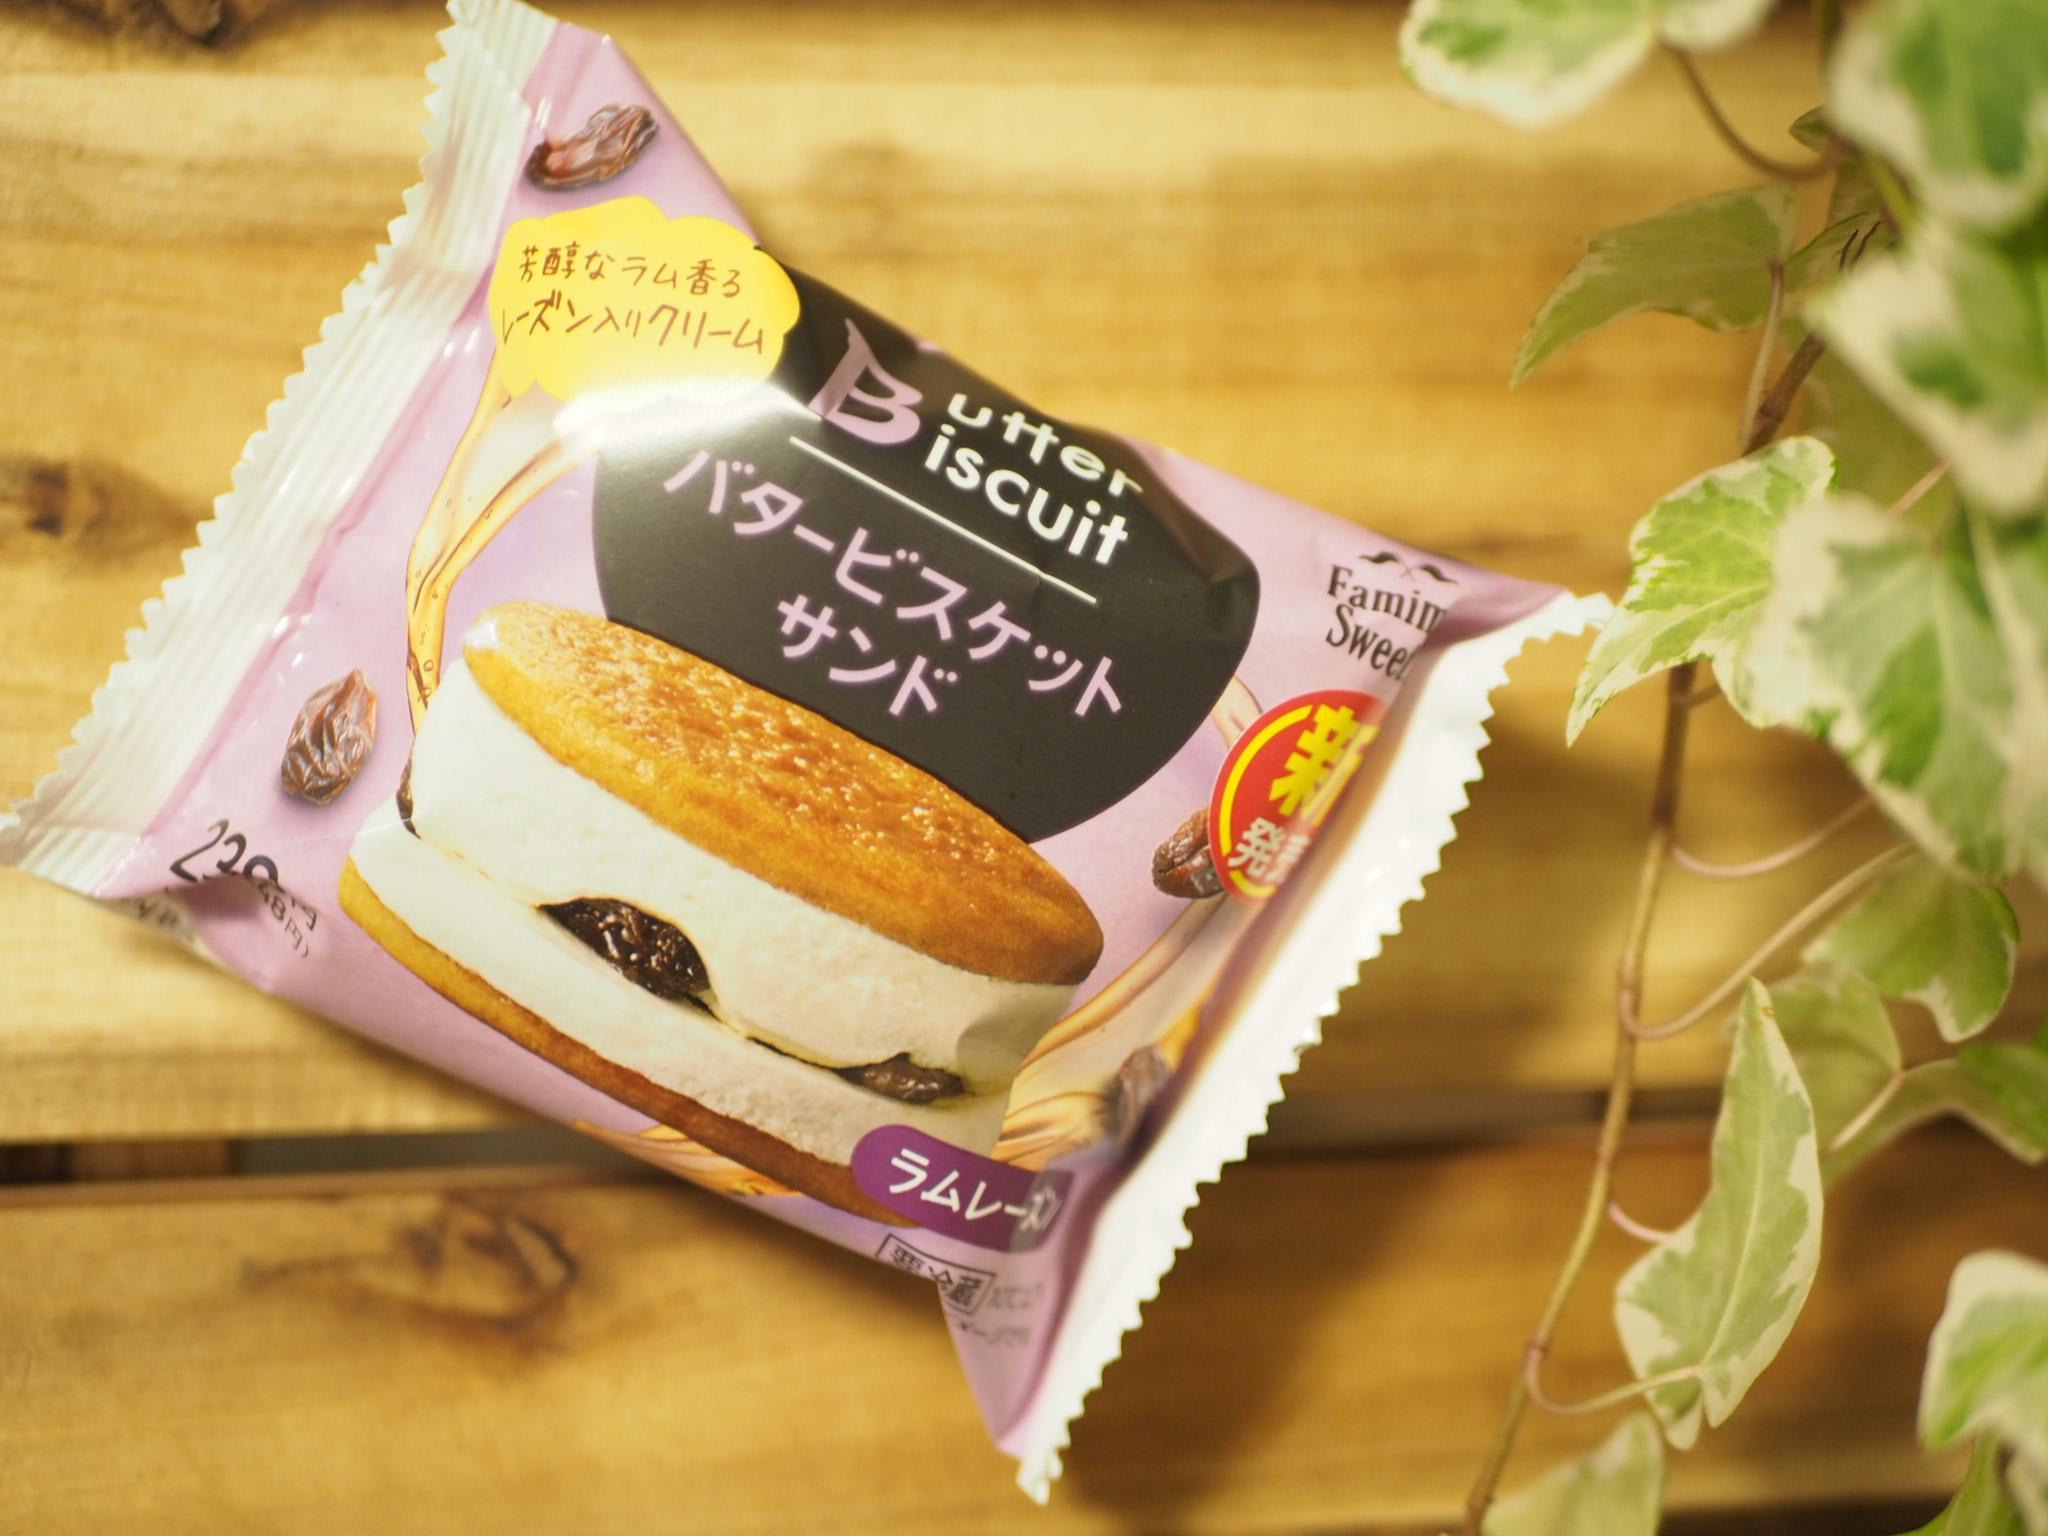 【ファミマ】新作スイーツ《バタービスケットサンド》を食べてみた♩_1